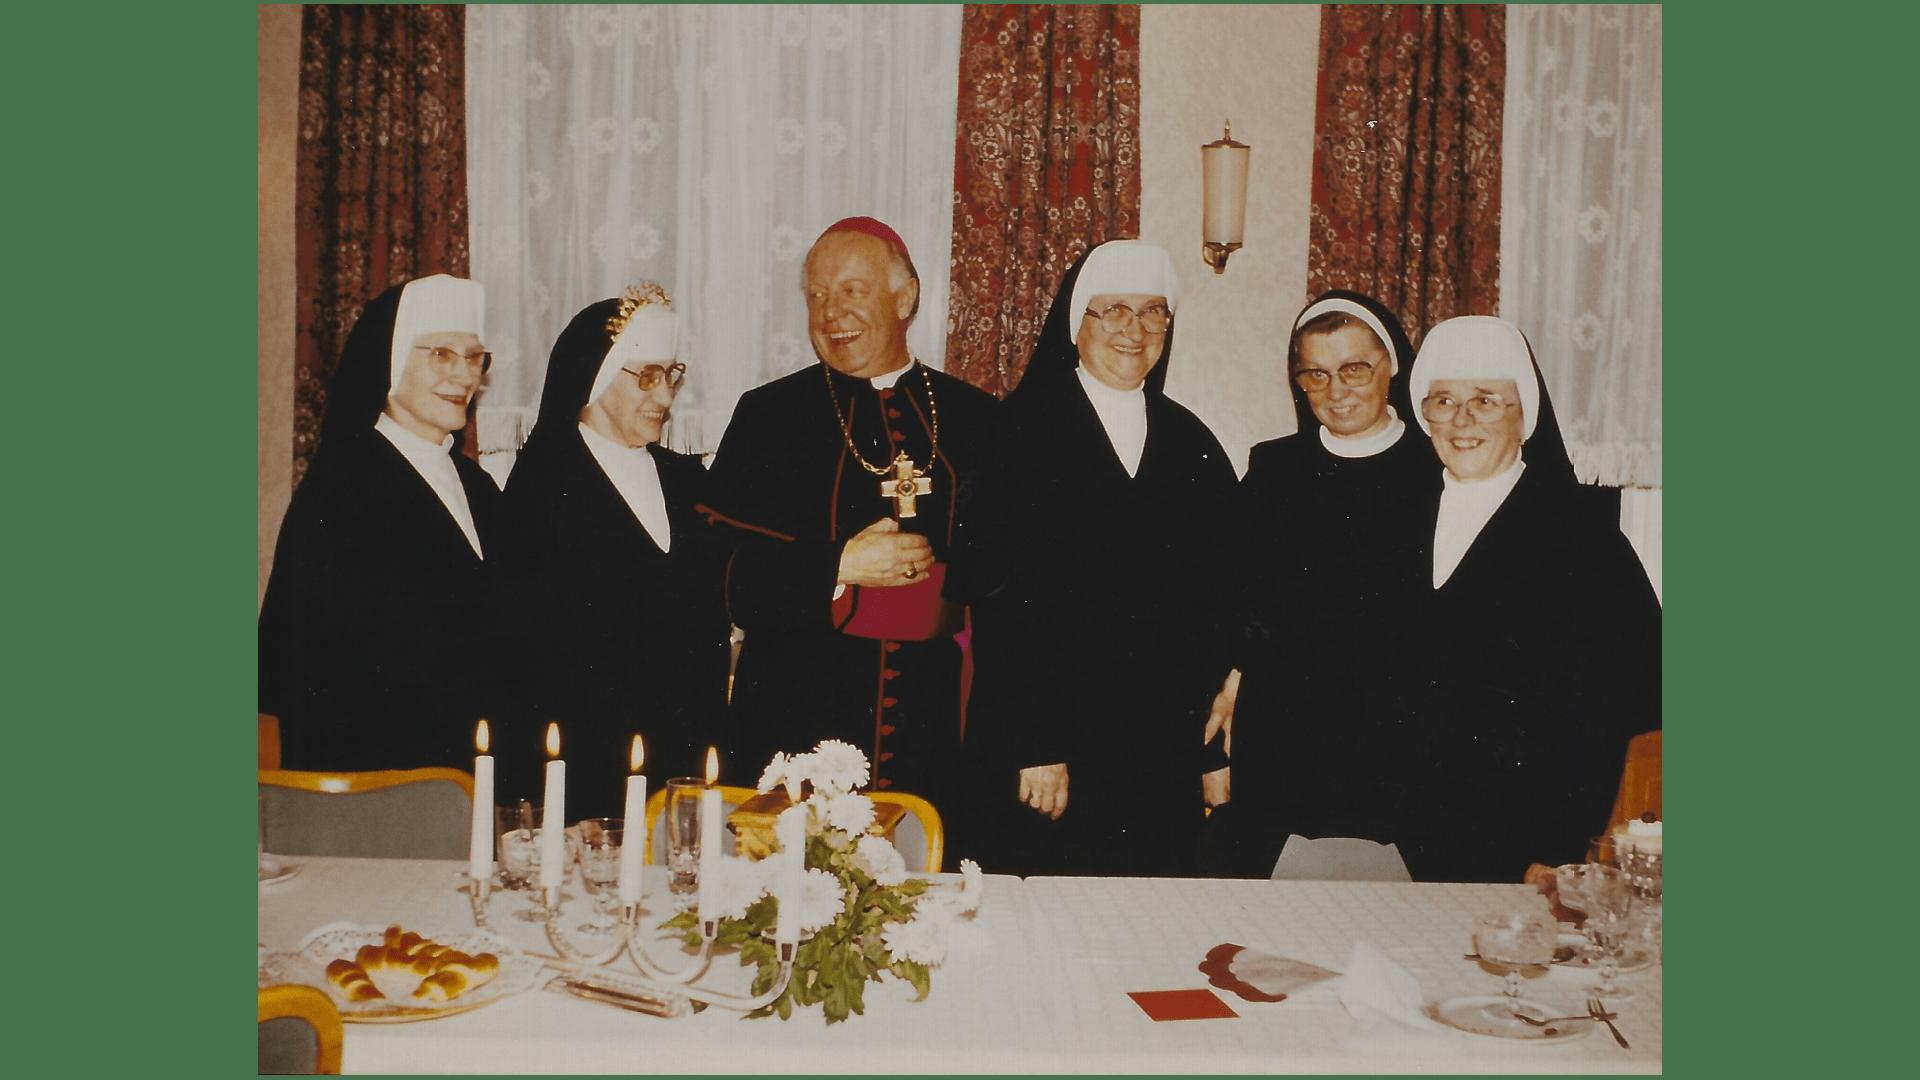 Jubiläum und Professfeier mit Bischof Dr. Georg Moser, gefeiert wird die Ablegung des Ordensgelübdes vor 50 bzw. 60 Jahren.  Foto: Archiv Arme Schulschwestern